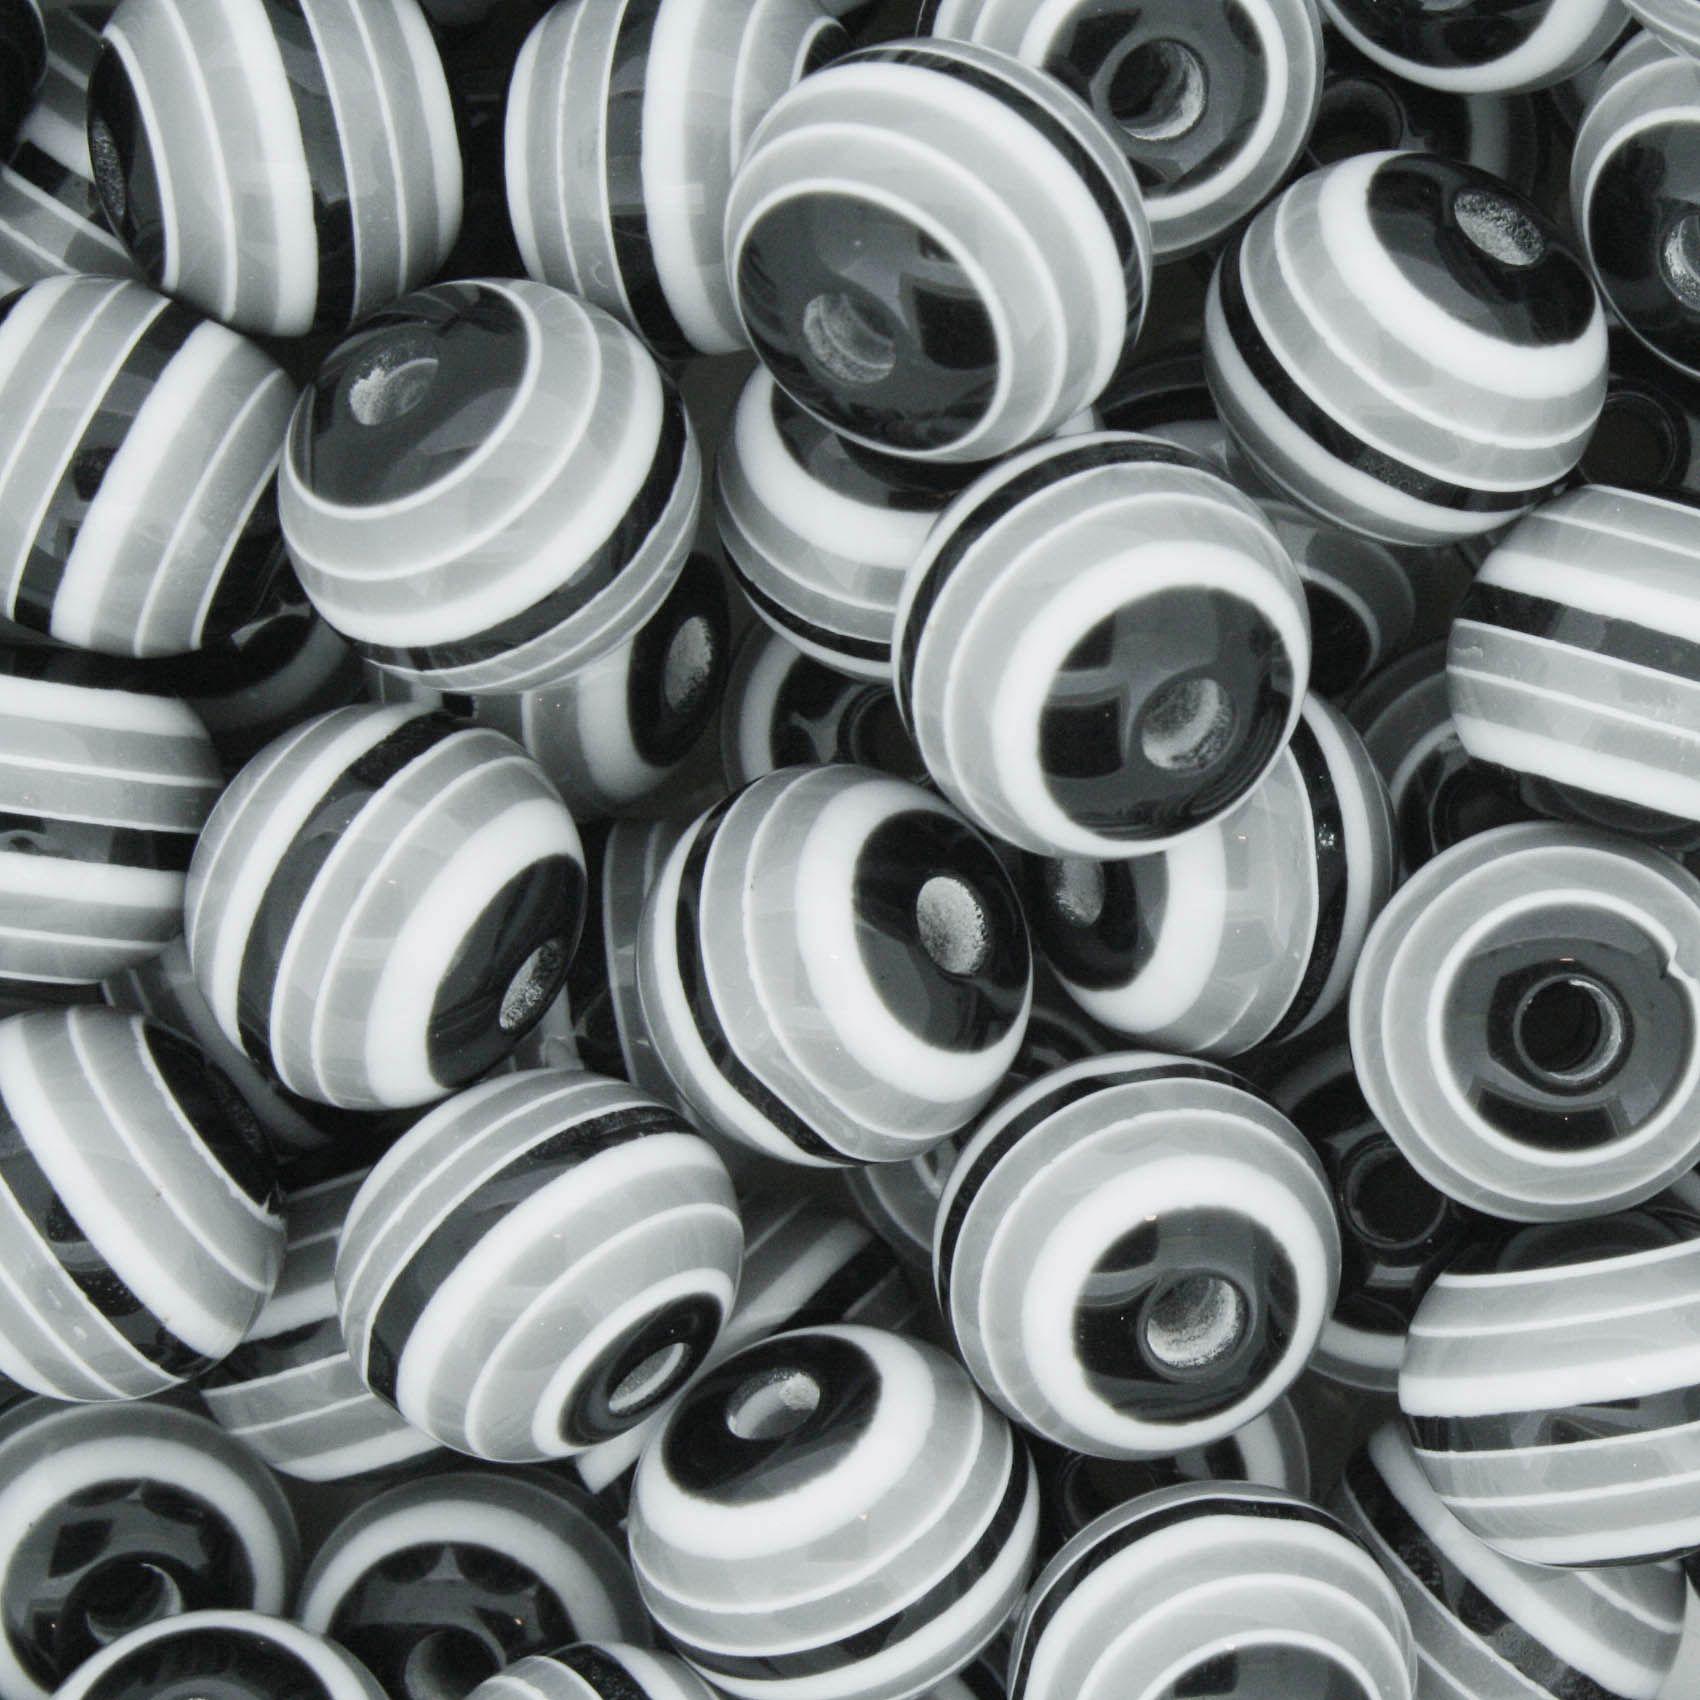 Bolinha - Olho Grego Listrado - Preto e Branco 10mm  - Stéphanie Bijoux® - Peças para Bijuterias e Artesanato